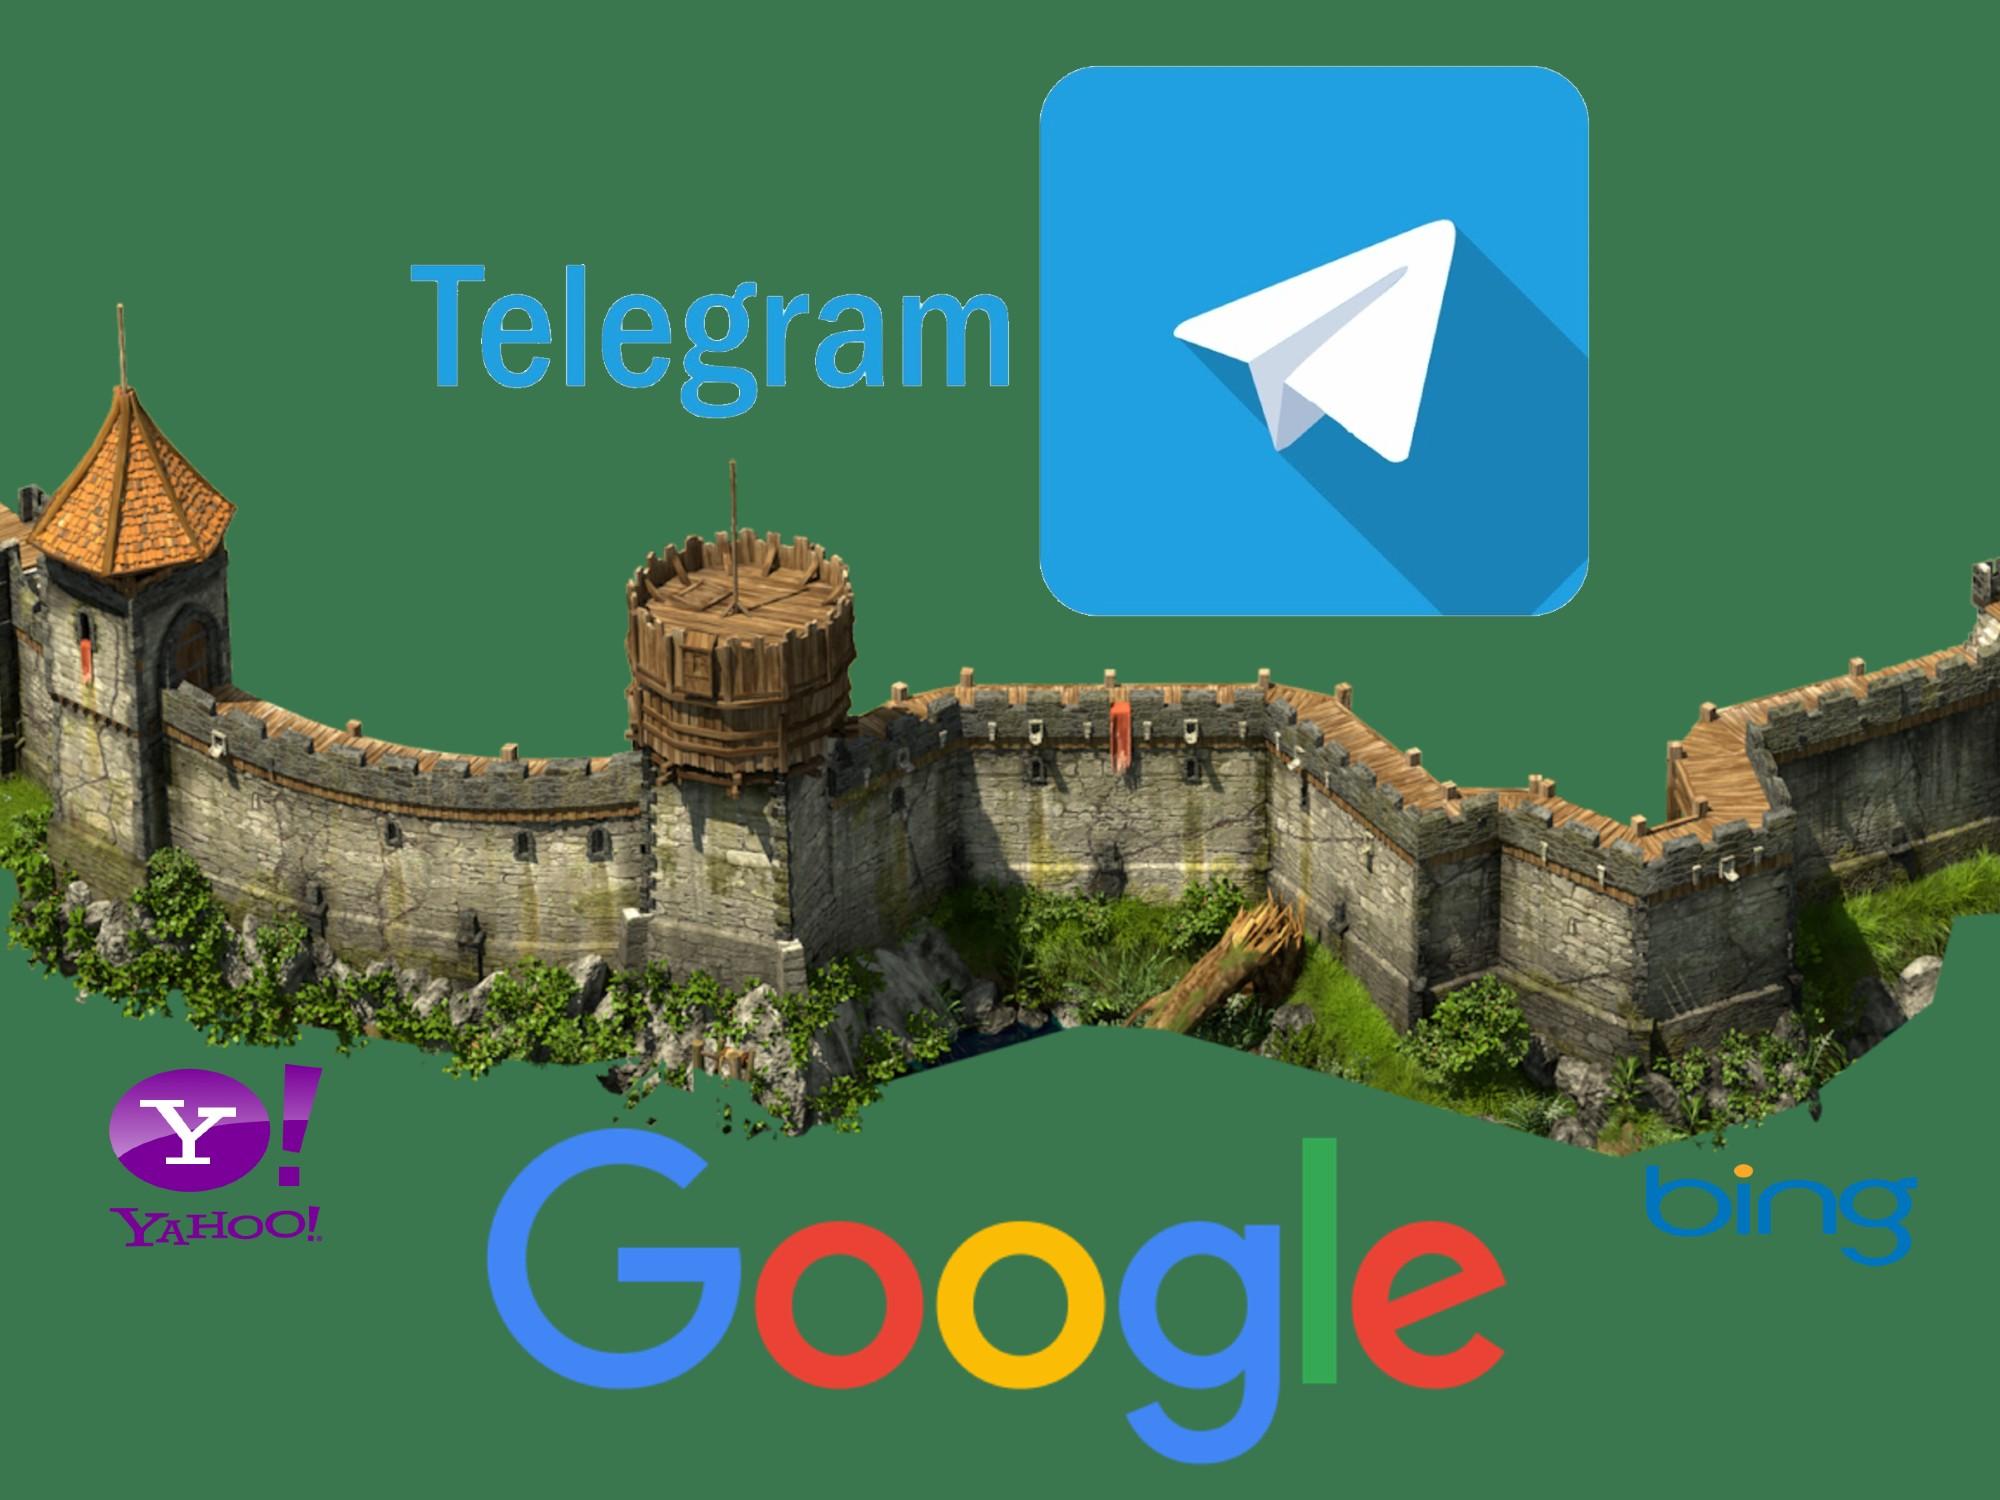 همزمان با شش سالگی تلگرام؛ تا امروز بیش از نصف محتوای تولید شده به زبان فارسی، در سرورهای این مسنجر دفن شده و بی مصرف خواهند شد.